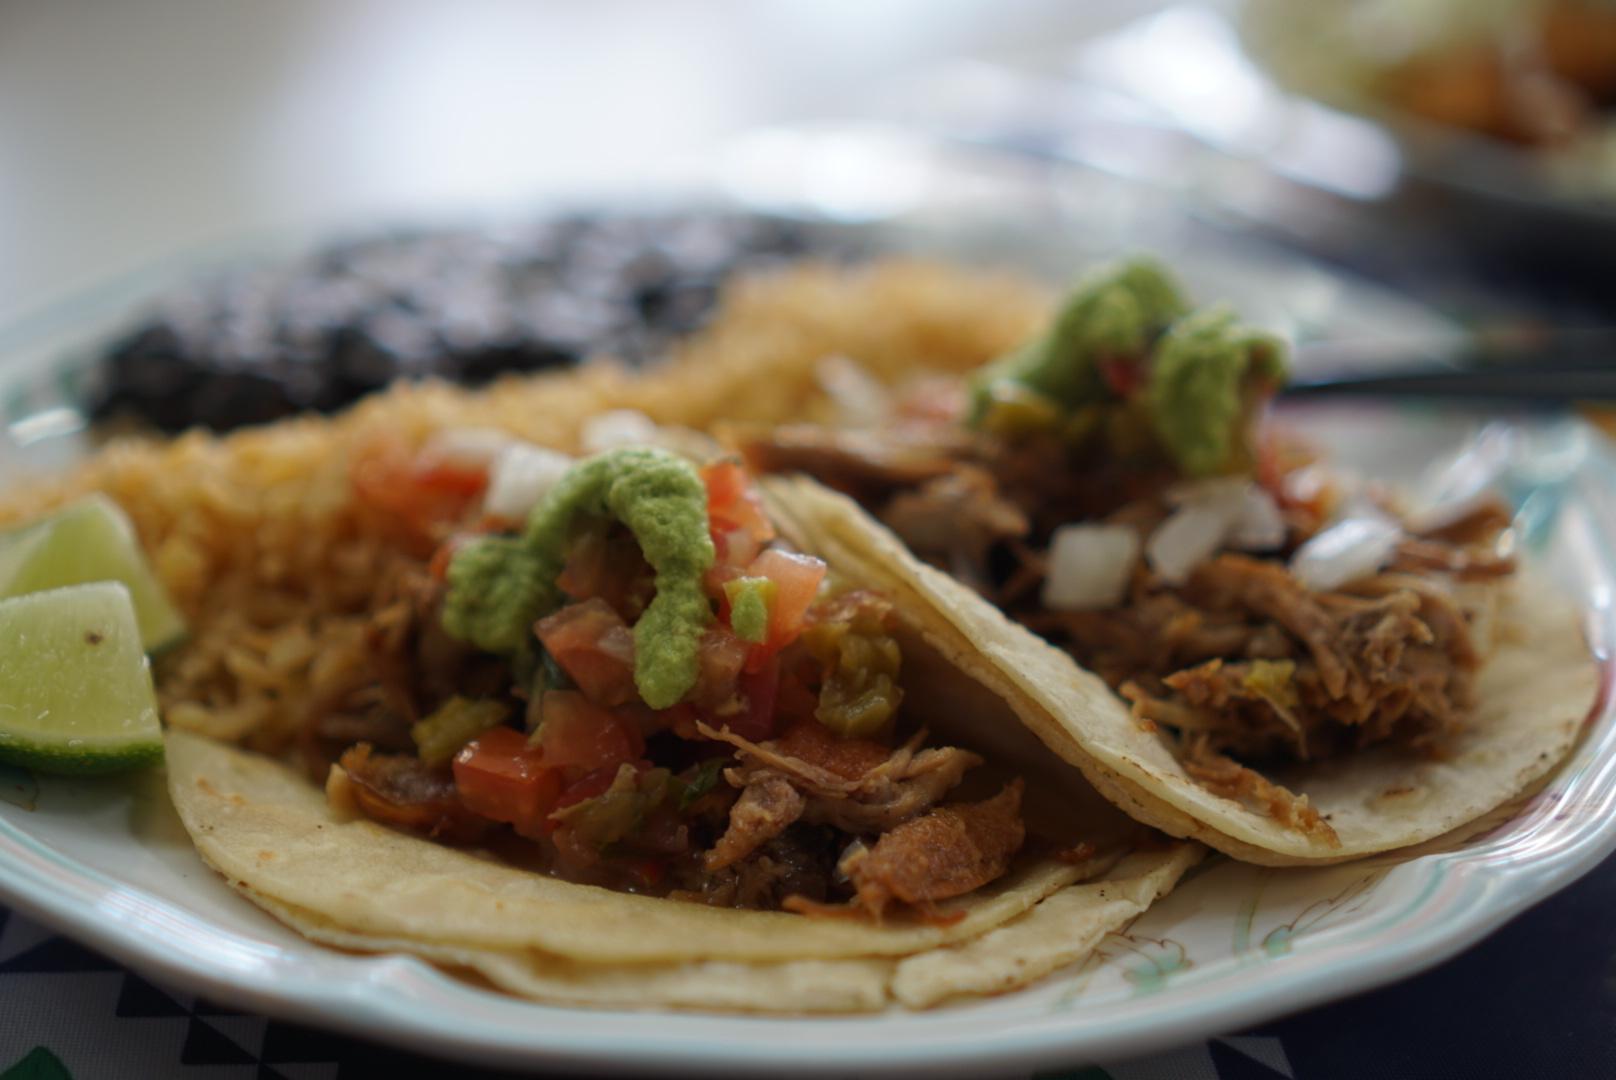 A close-up shot of carnitas tacos from Tienda de Leon